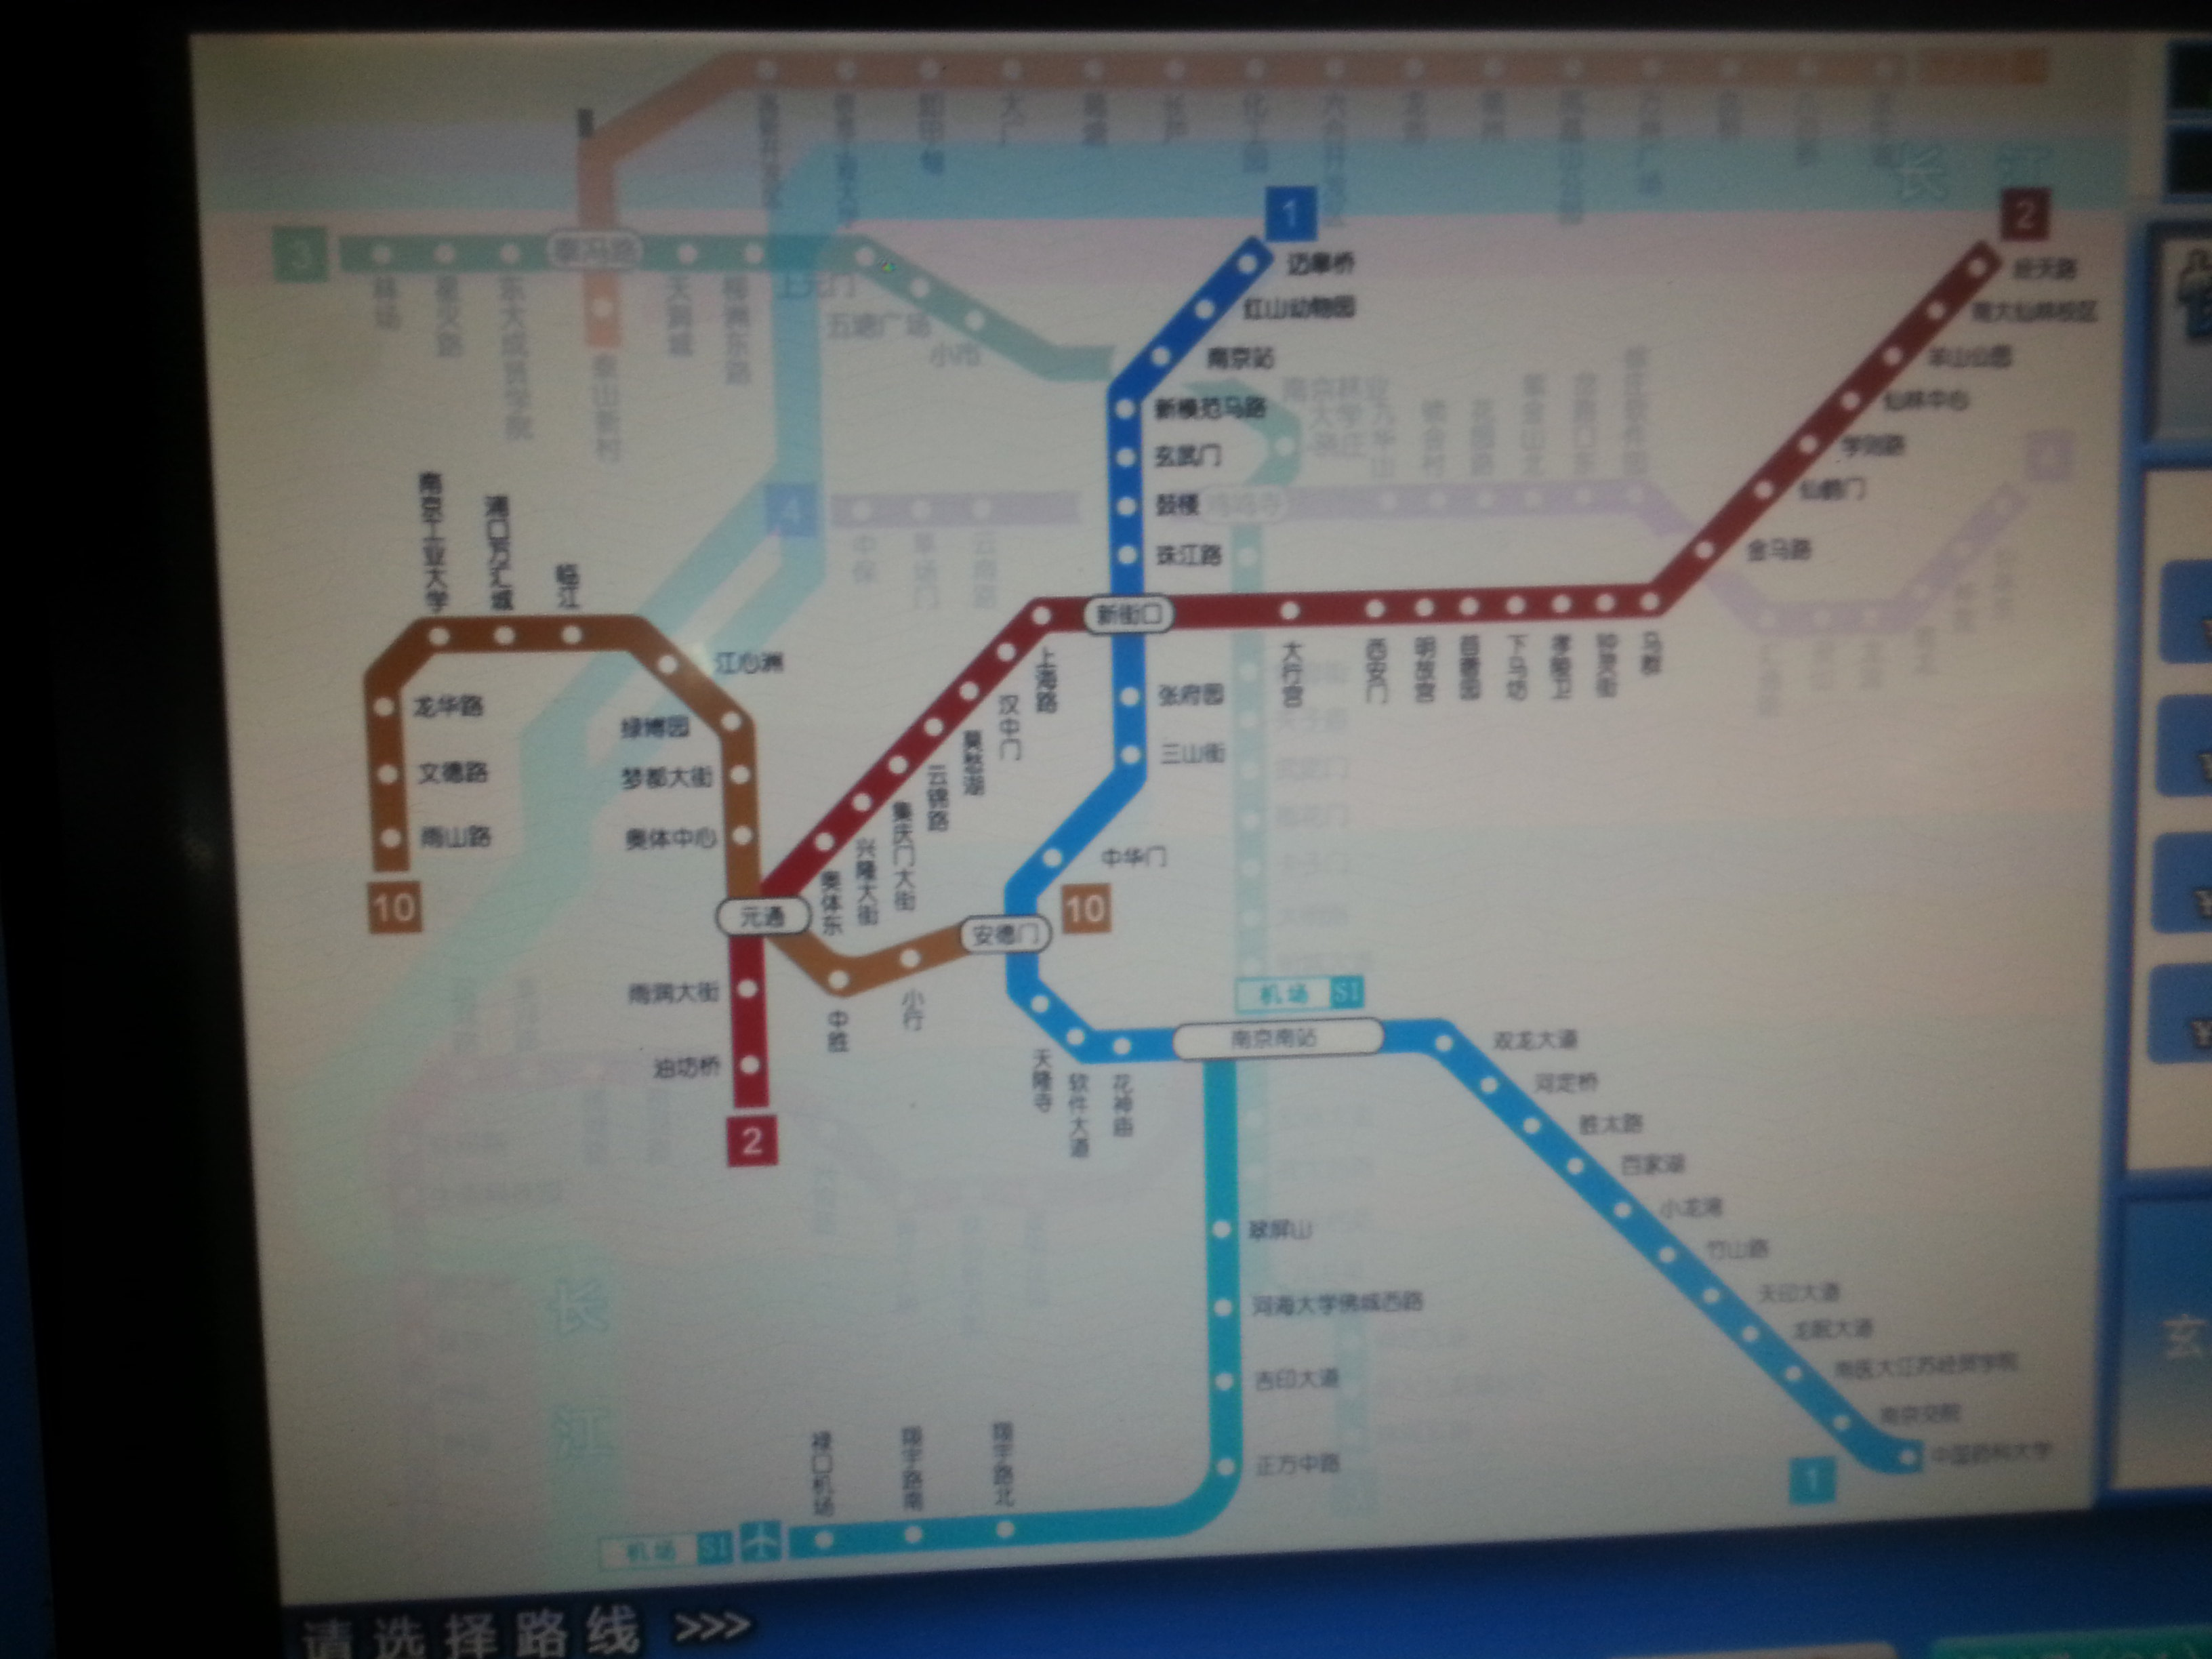 在南京站下车,请问附近有什么景点?图片